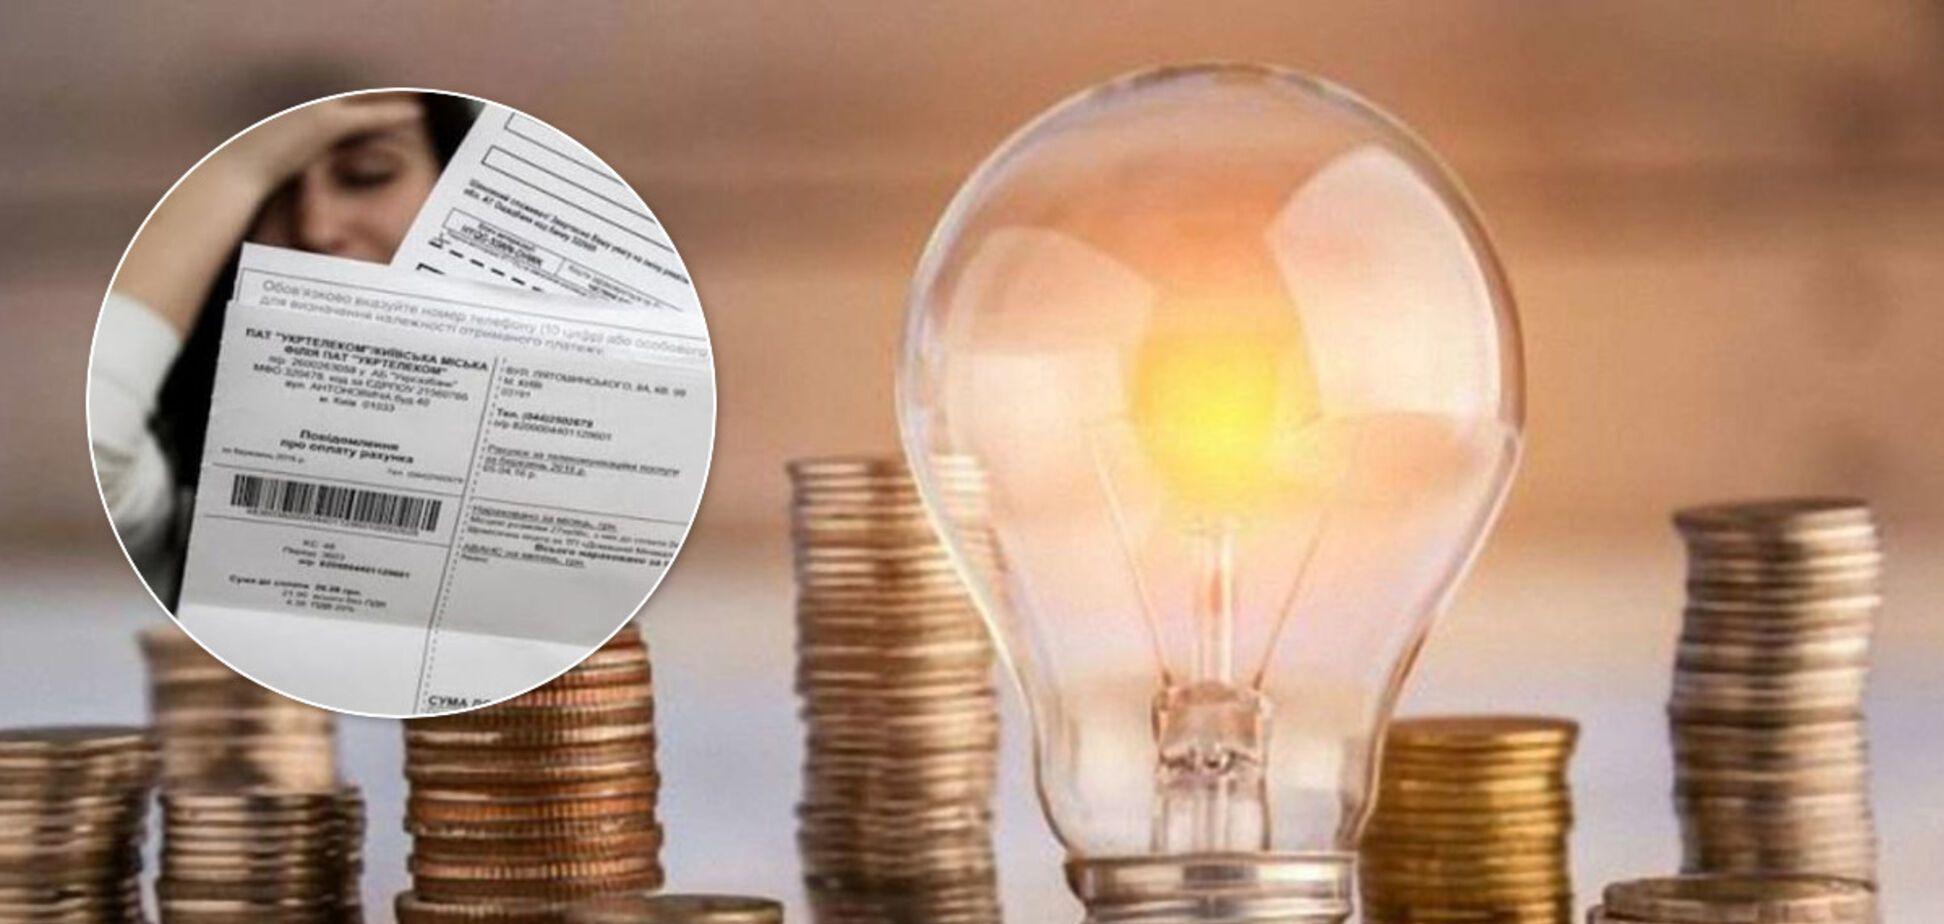 В Украине должны взлететь тарифы на электроэнергию: энергетика оказалась в худшем за всю историю положении